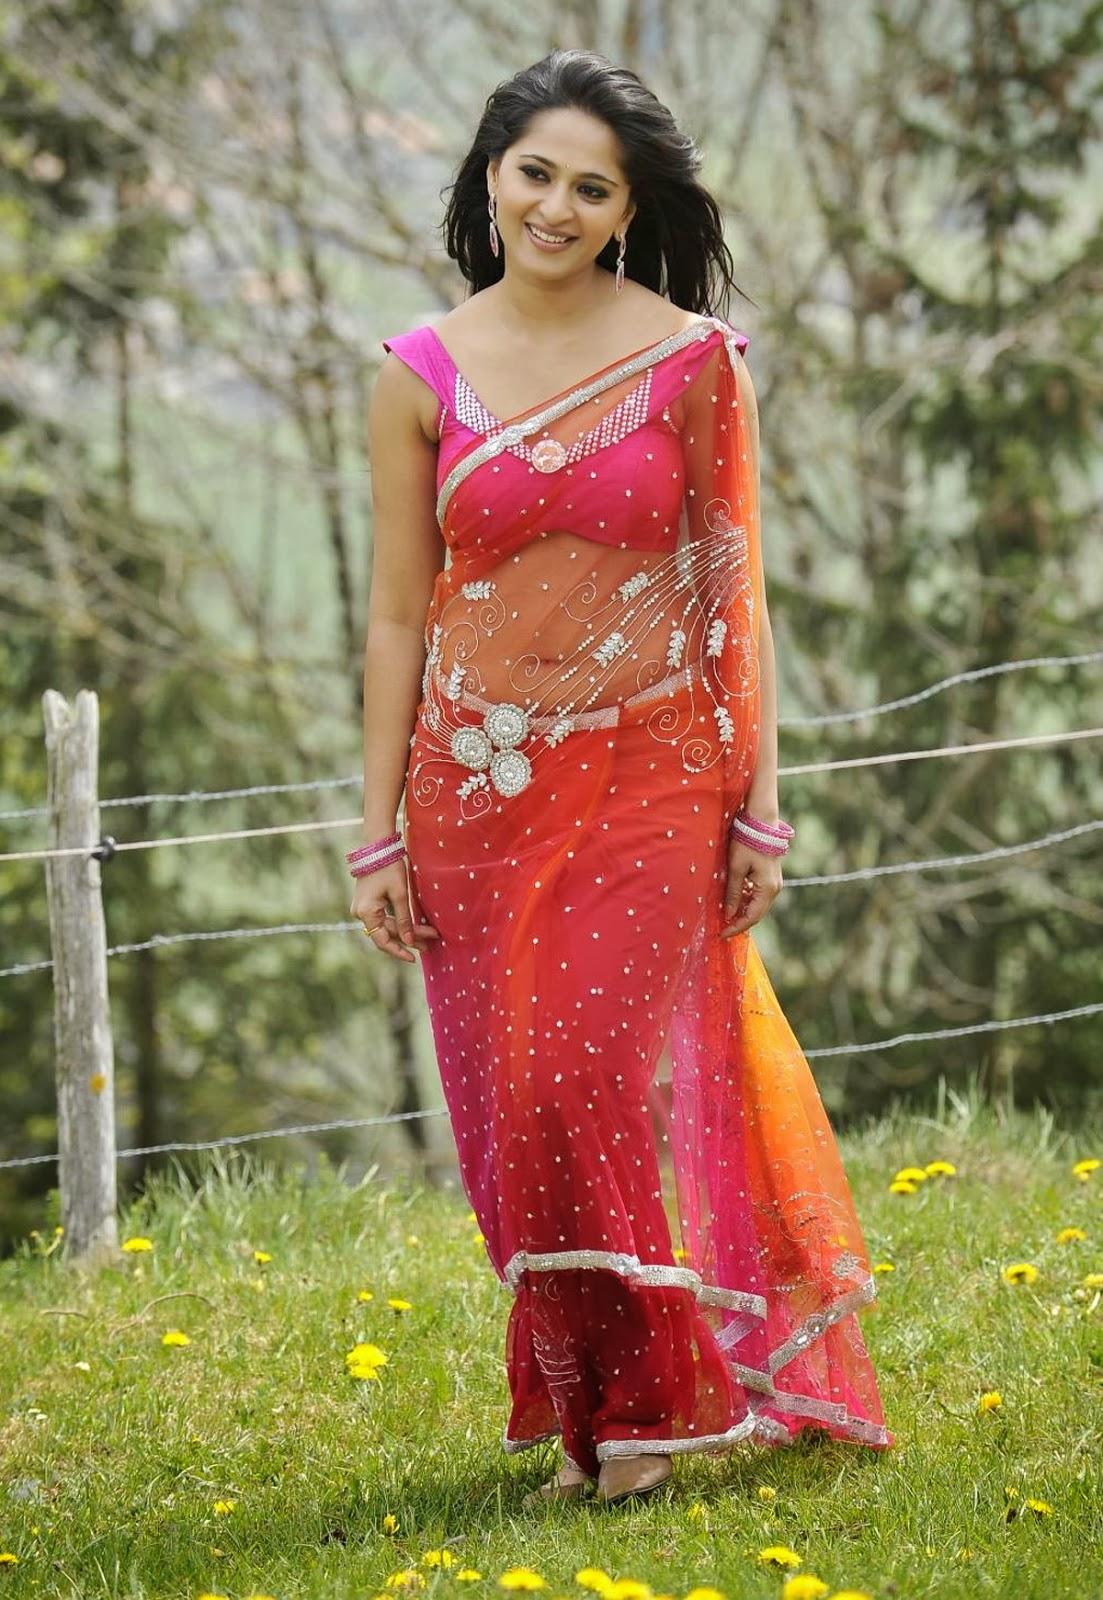 Transparent Saree: Anushka Shetty Looks Sexy In Transparent Saree